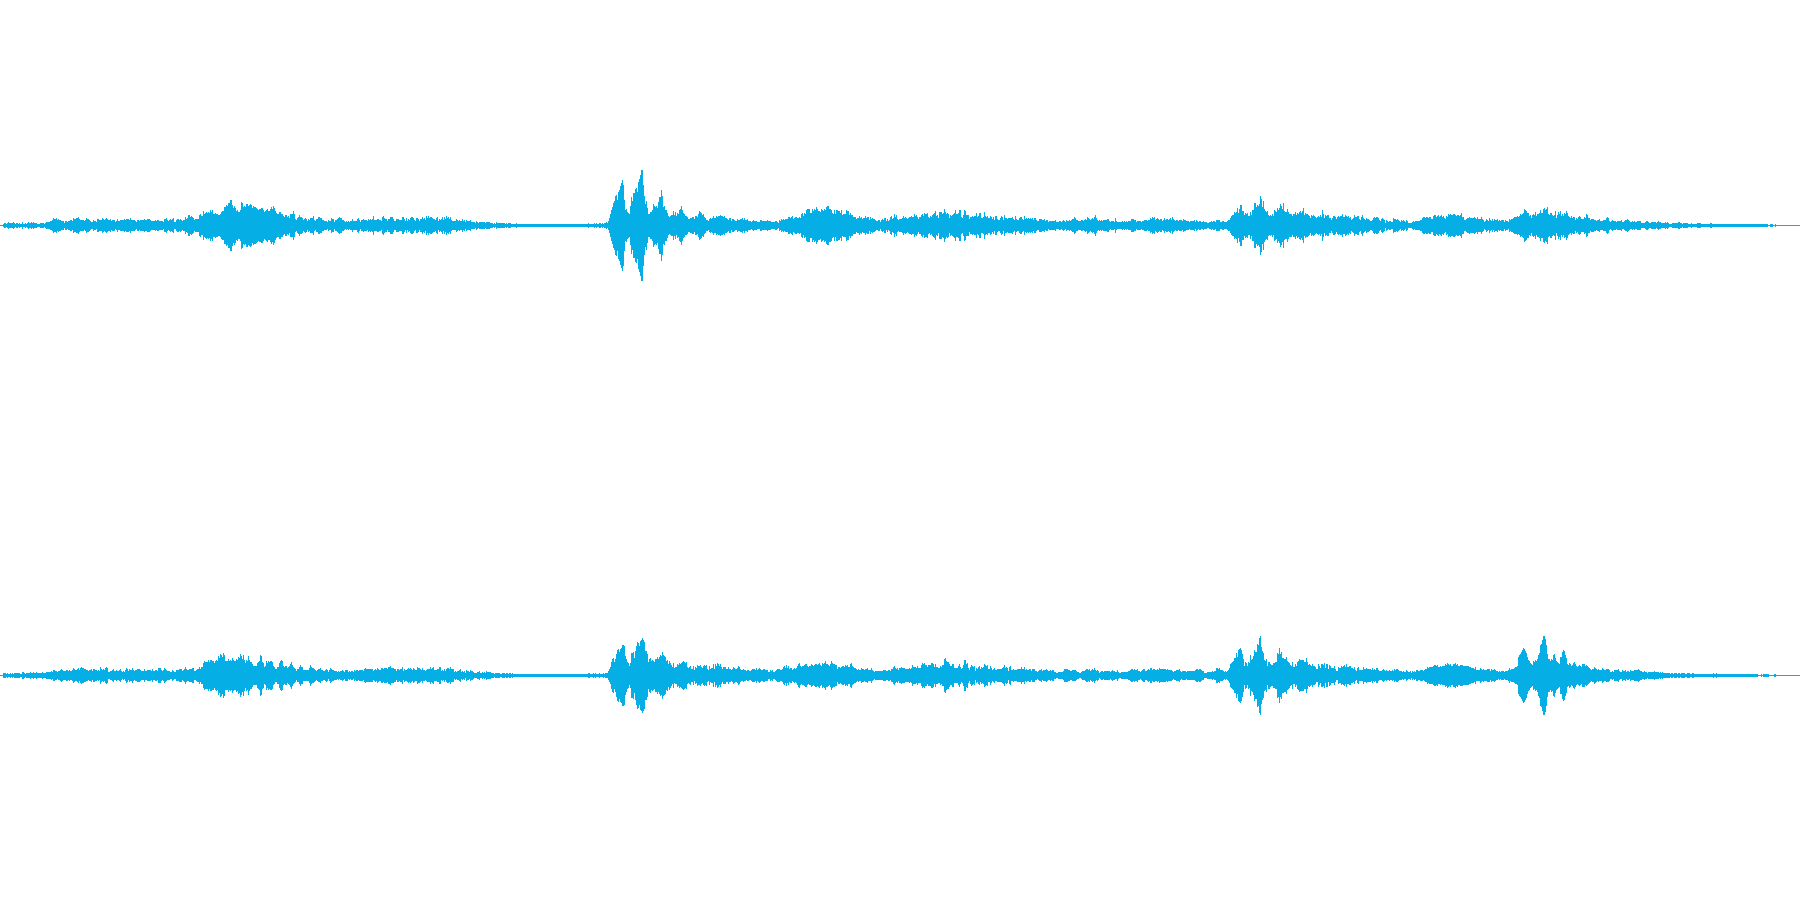 (へろへろした声)の再生済みの波形